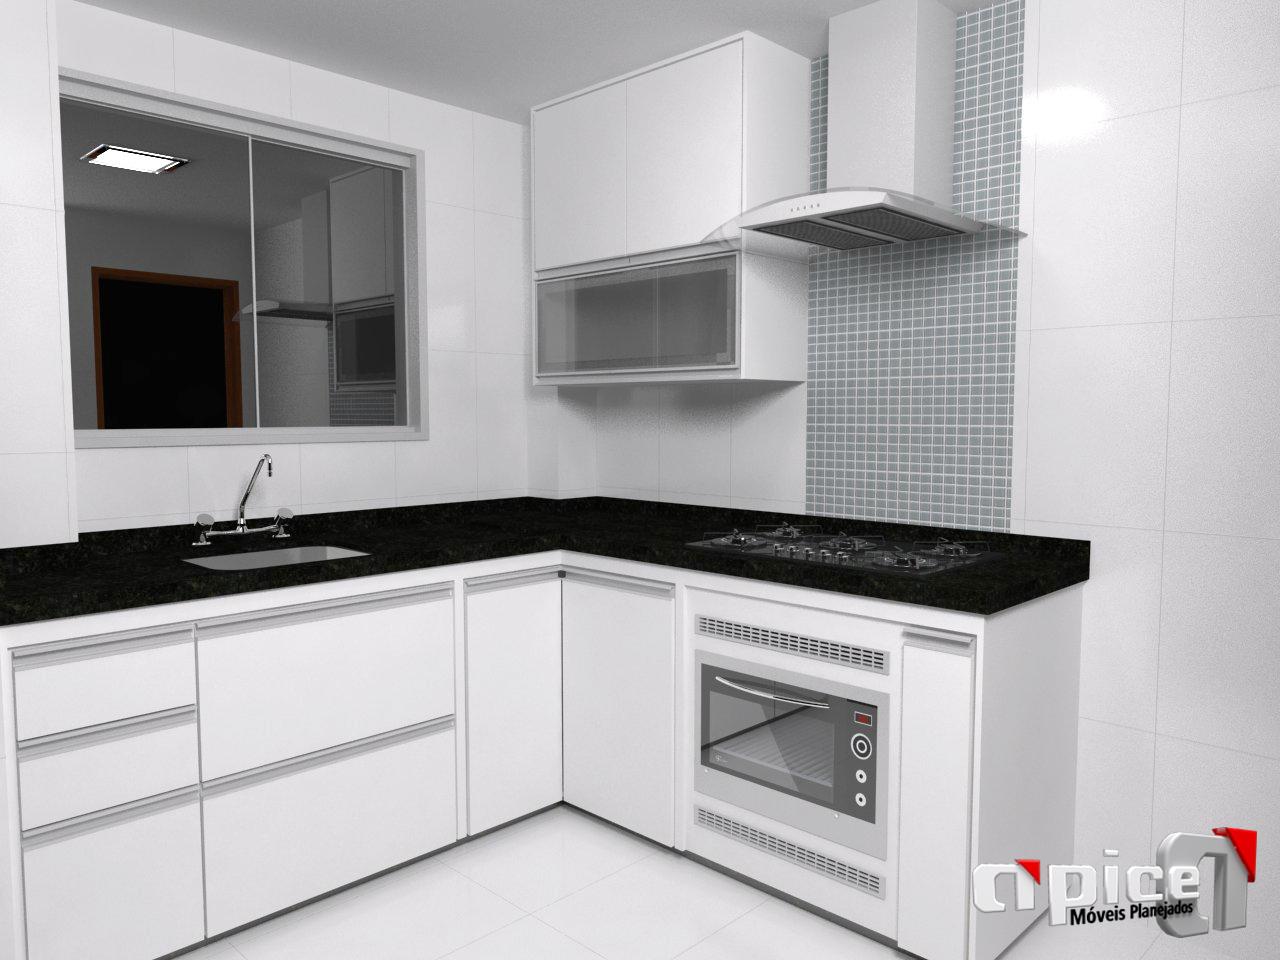 decoracao de cozinha quanto custa – Doitricom # Quanto Custa Um Armario De Cozinha Planejado Pequeno